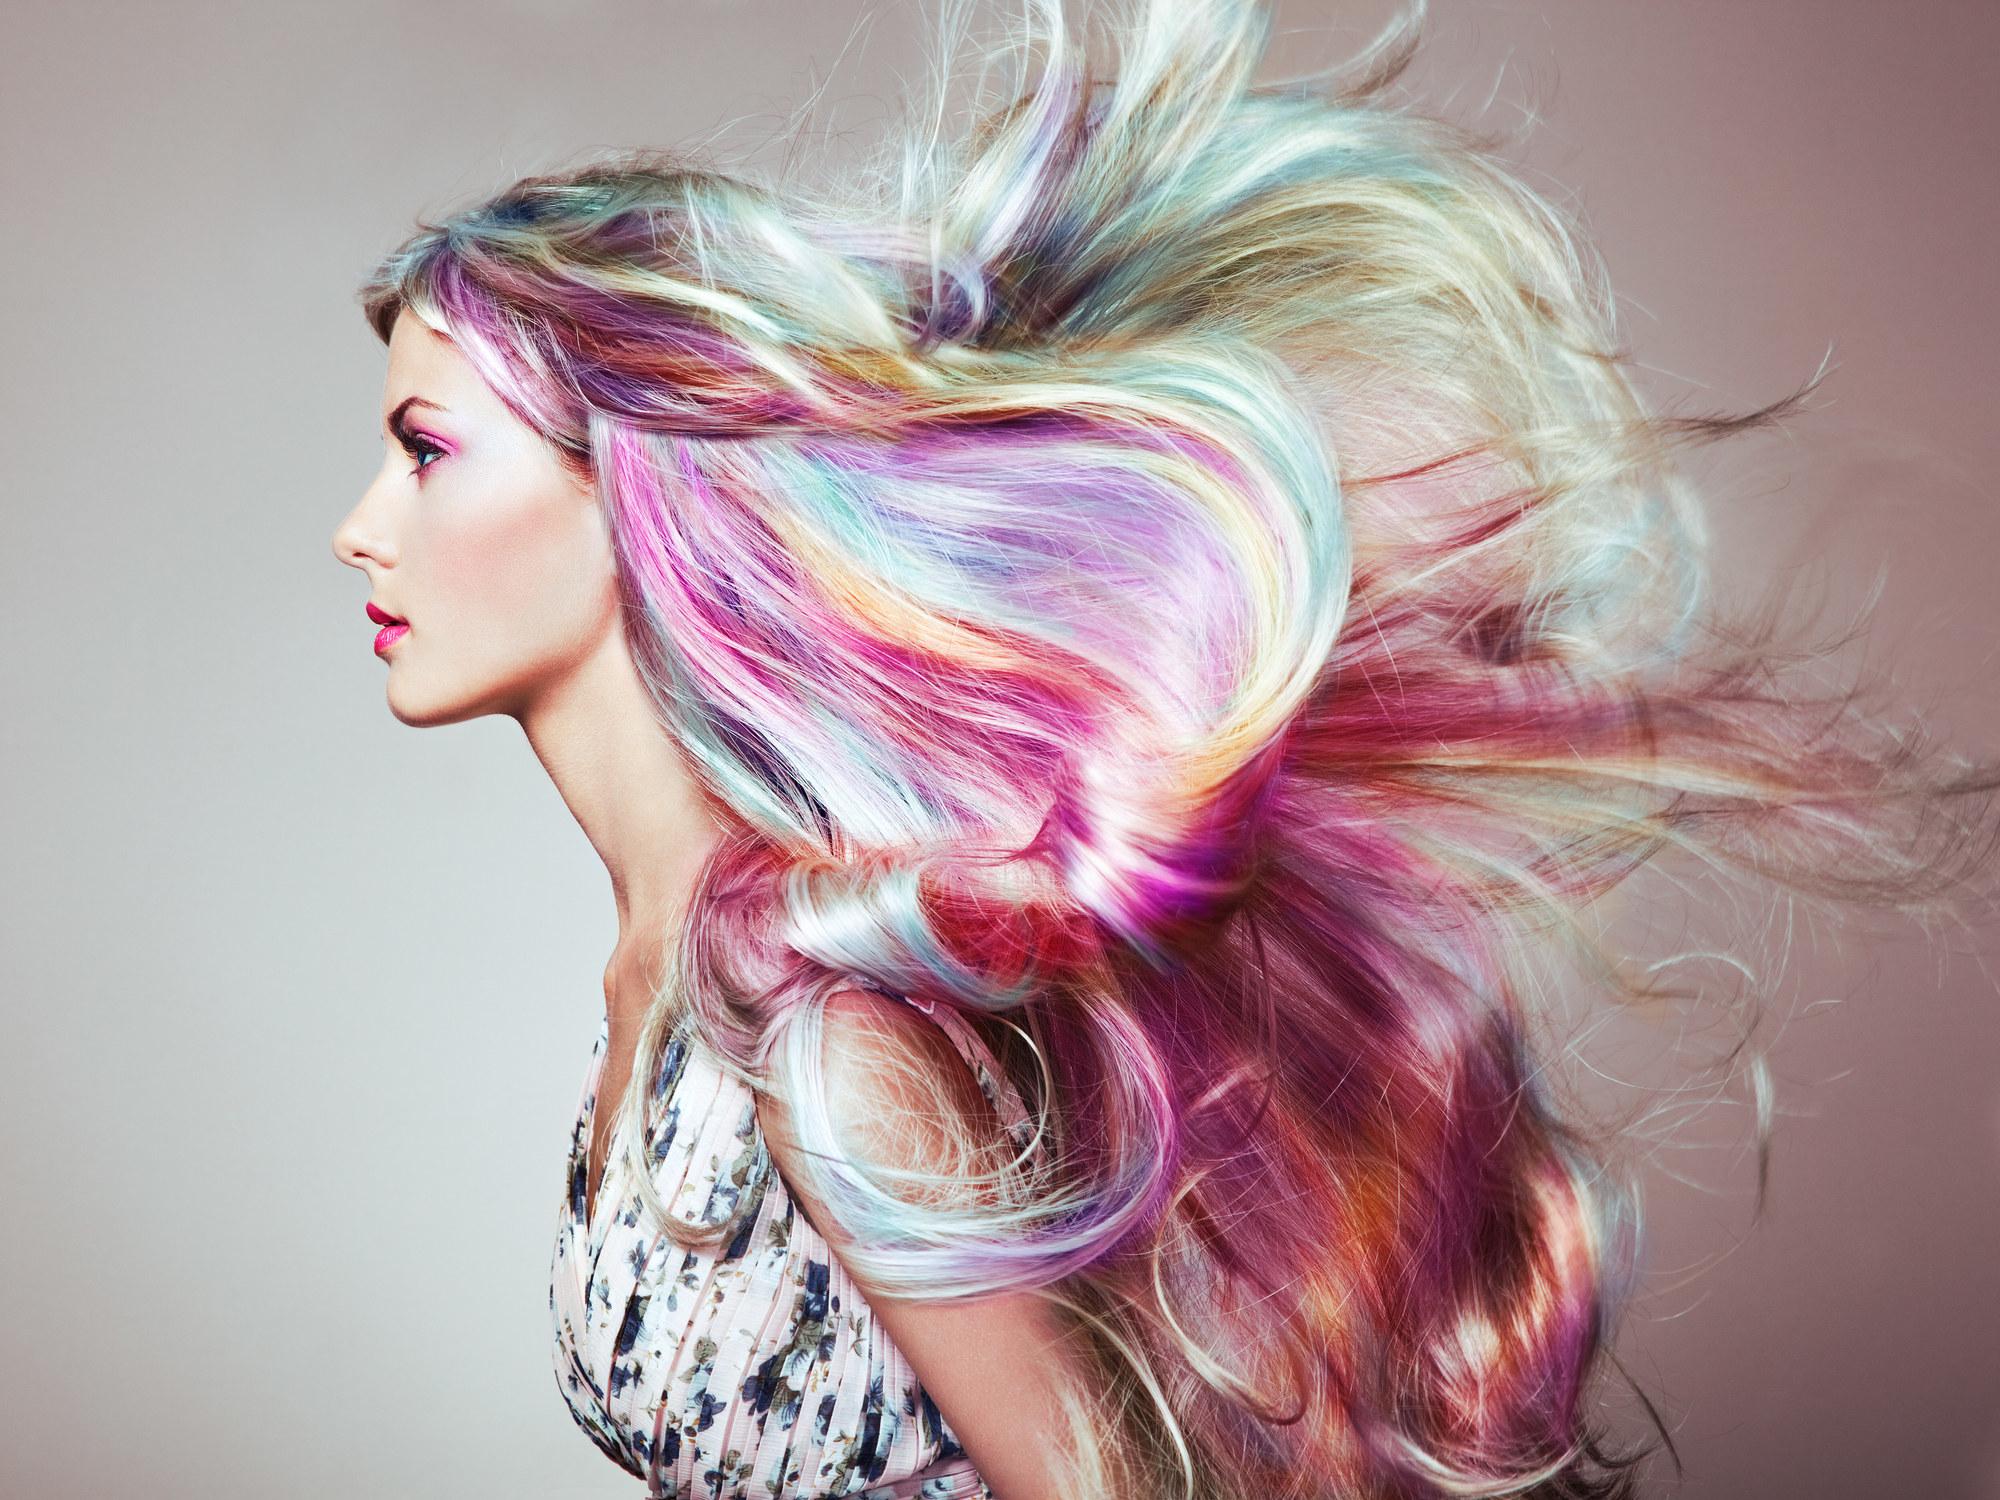 A woman with rainbow hair